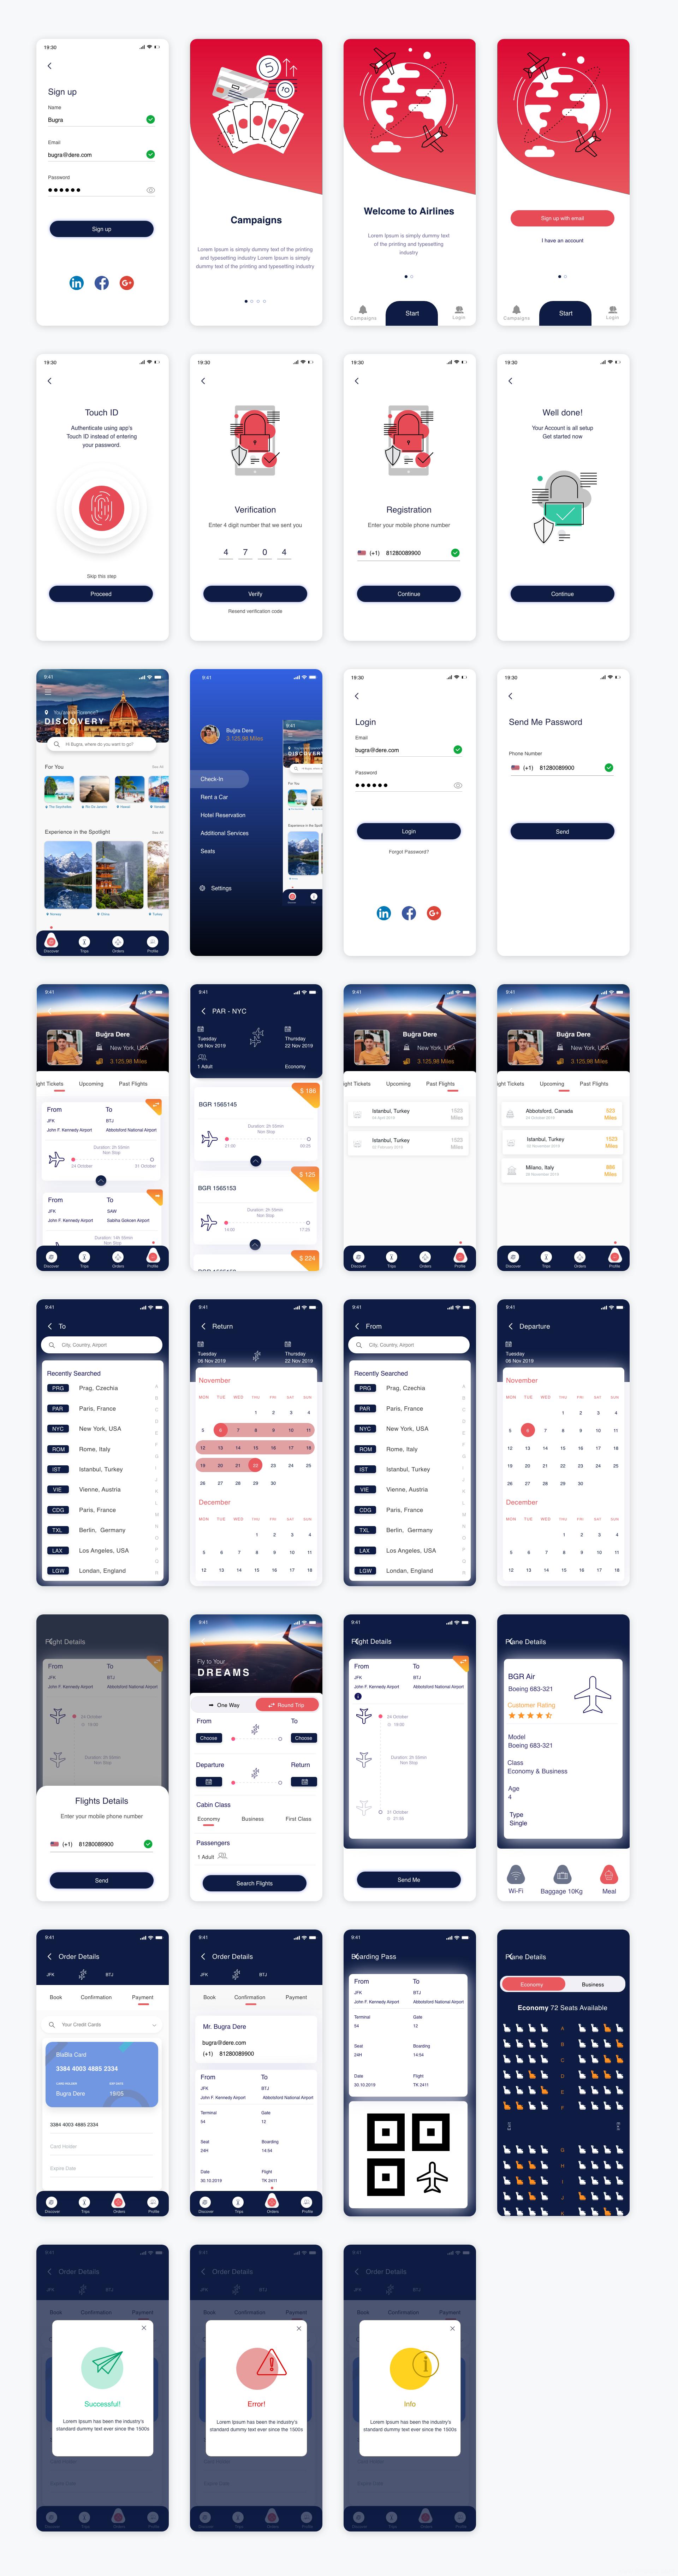 最新全套机票预定APP UI界面设计源文件,旅游机票预定APP UI源文件xd源文件下载